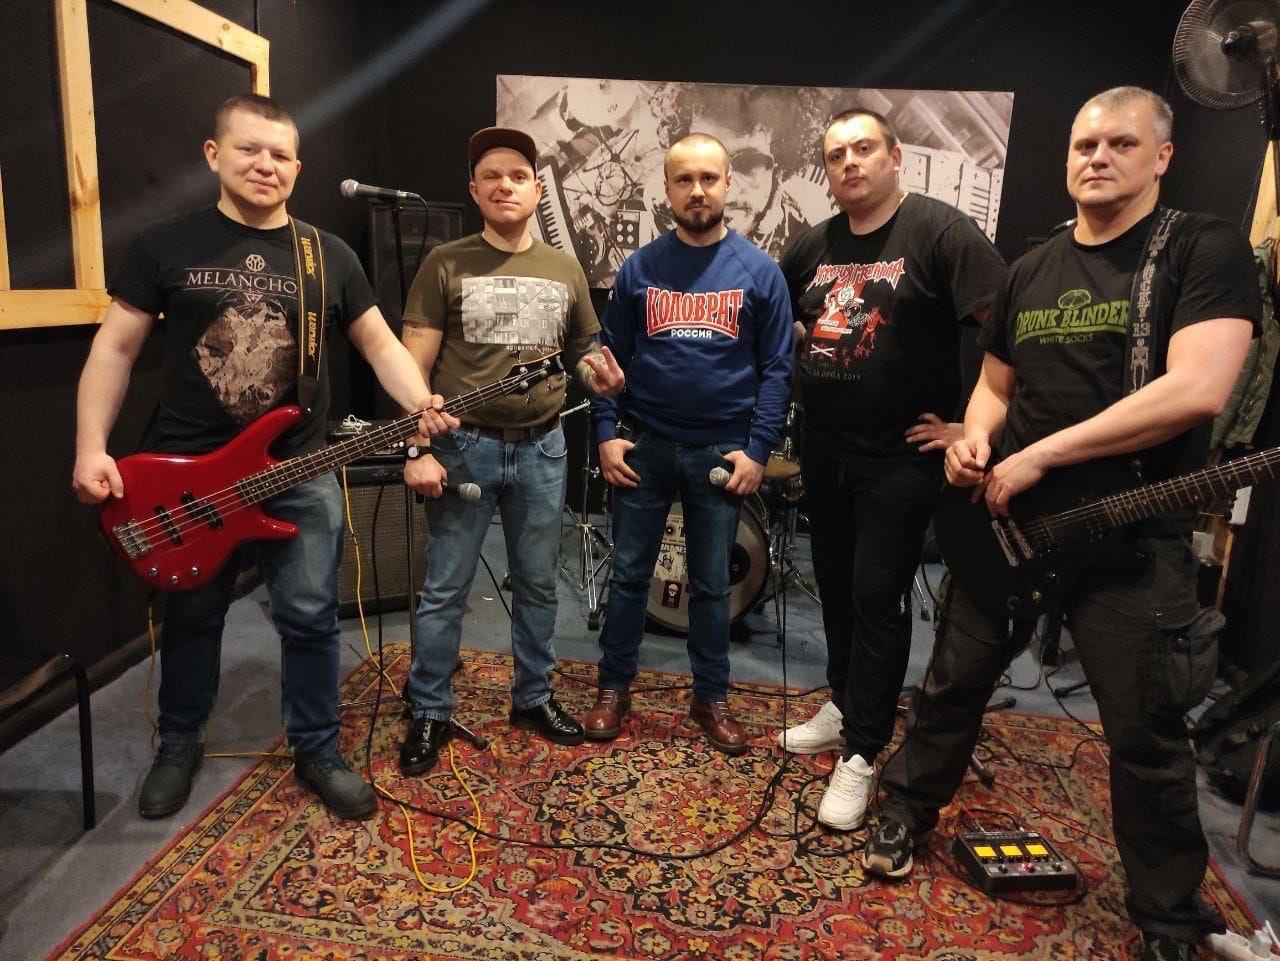 3 апреля в Москве пройдёт Oi концерт